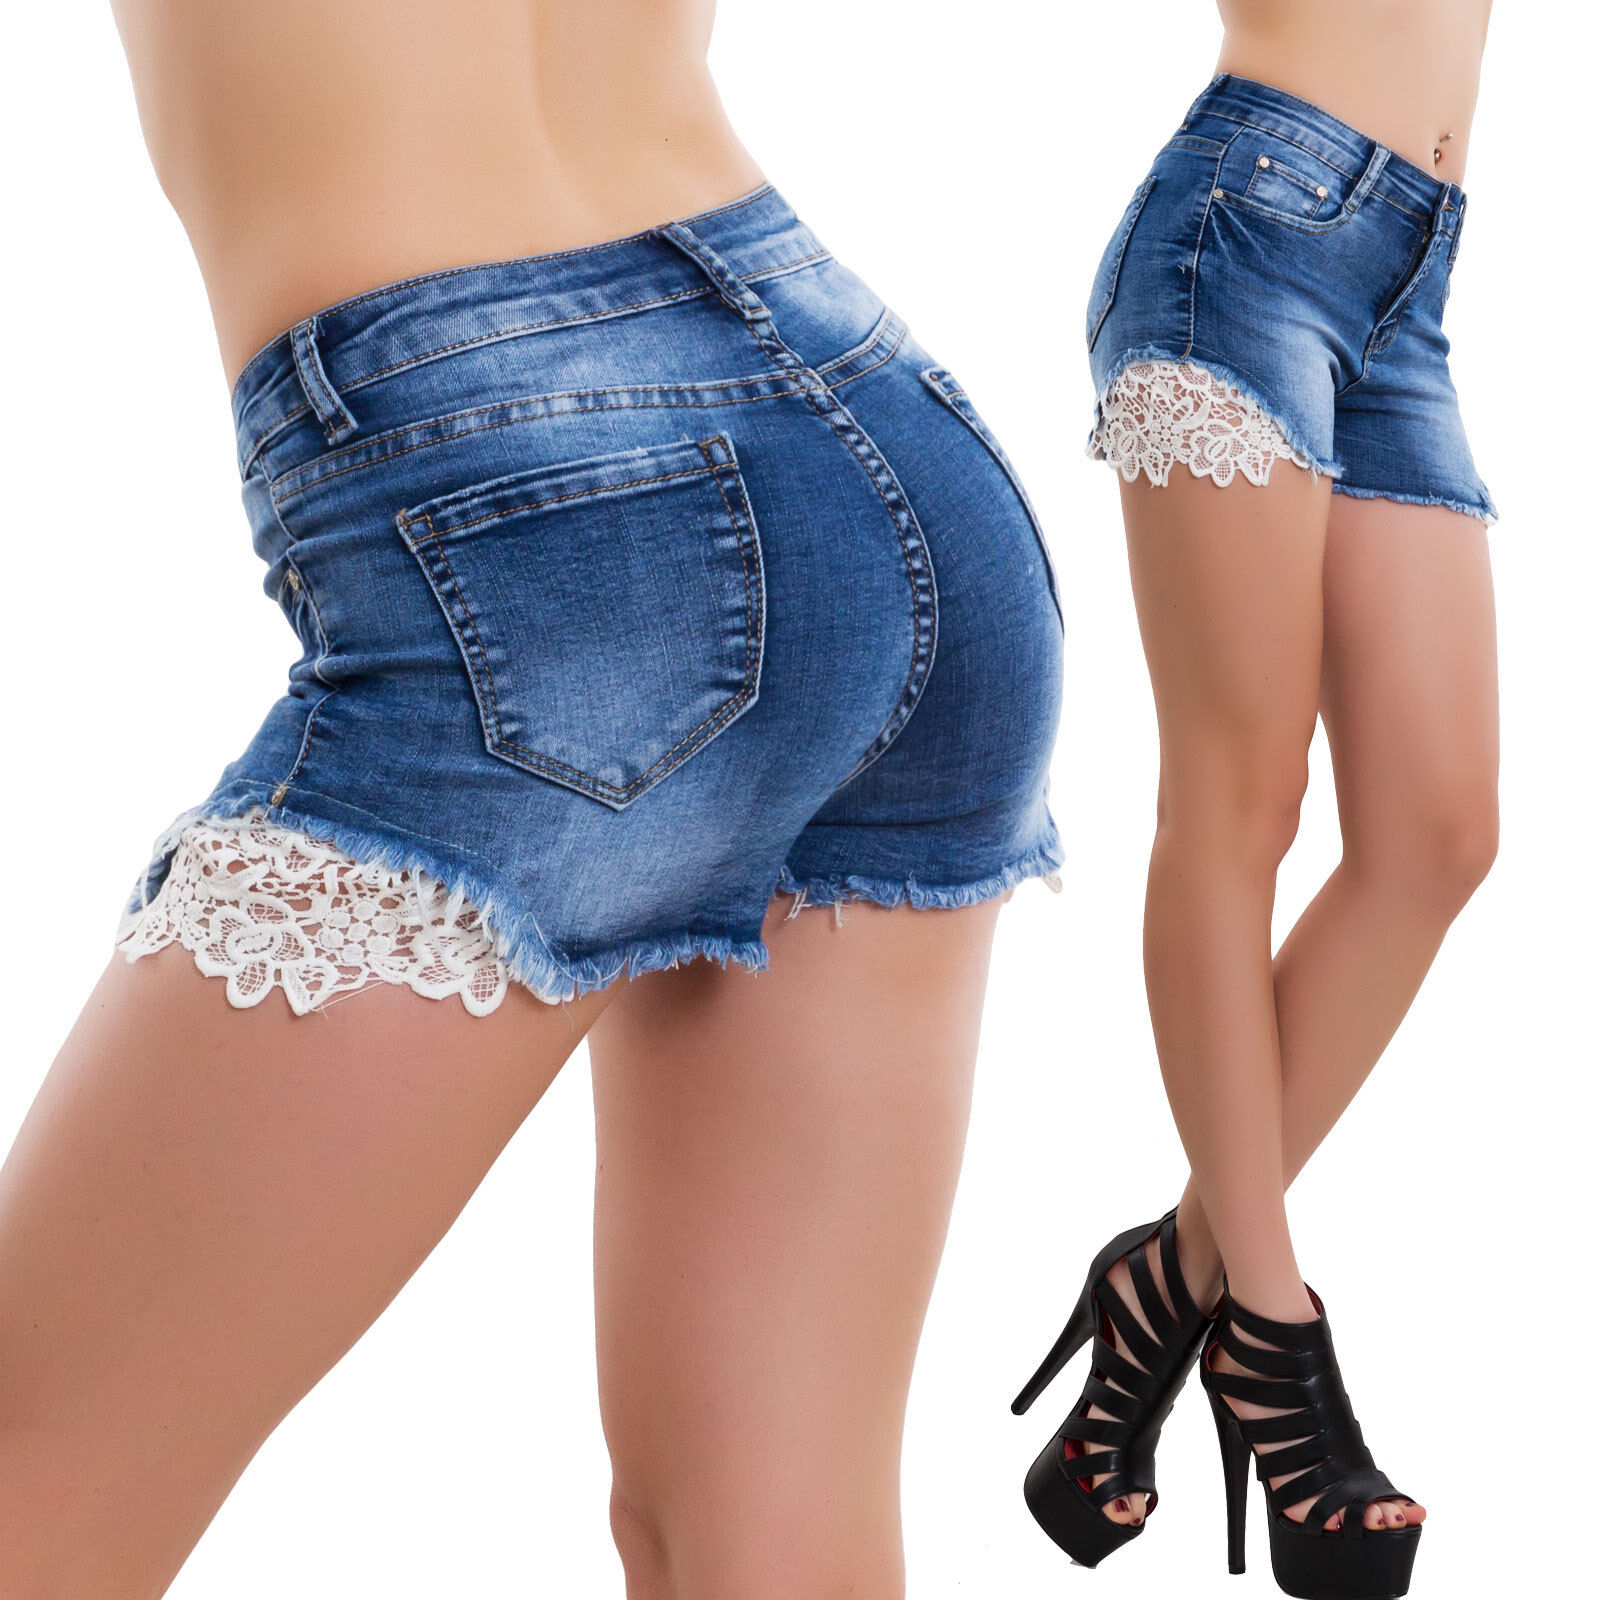 Pantalones Cortos Mujer Vaqueros Encaje Denim Shorts Hot Pitillo Ajustado W0381 Ebay